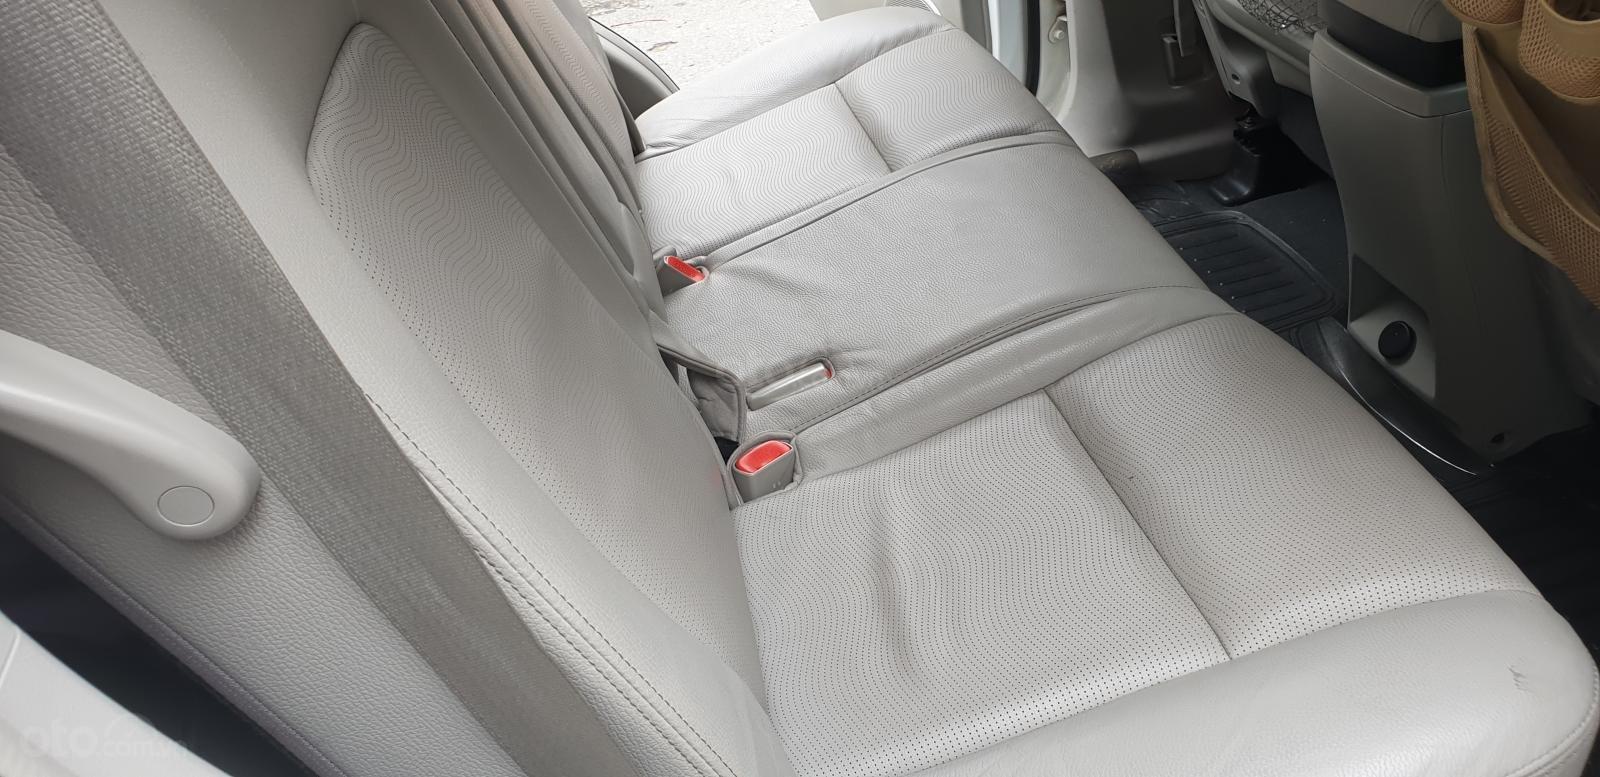 Bán Chevrolet Captiva LTZ máy Ecotec số tự động model 2016, SX T12/ 2015, màu trắng, đẹp mới 90% (19)